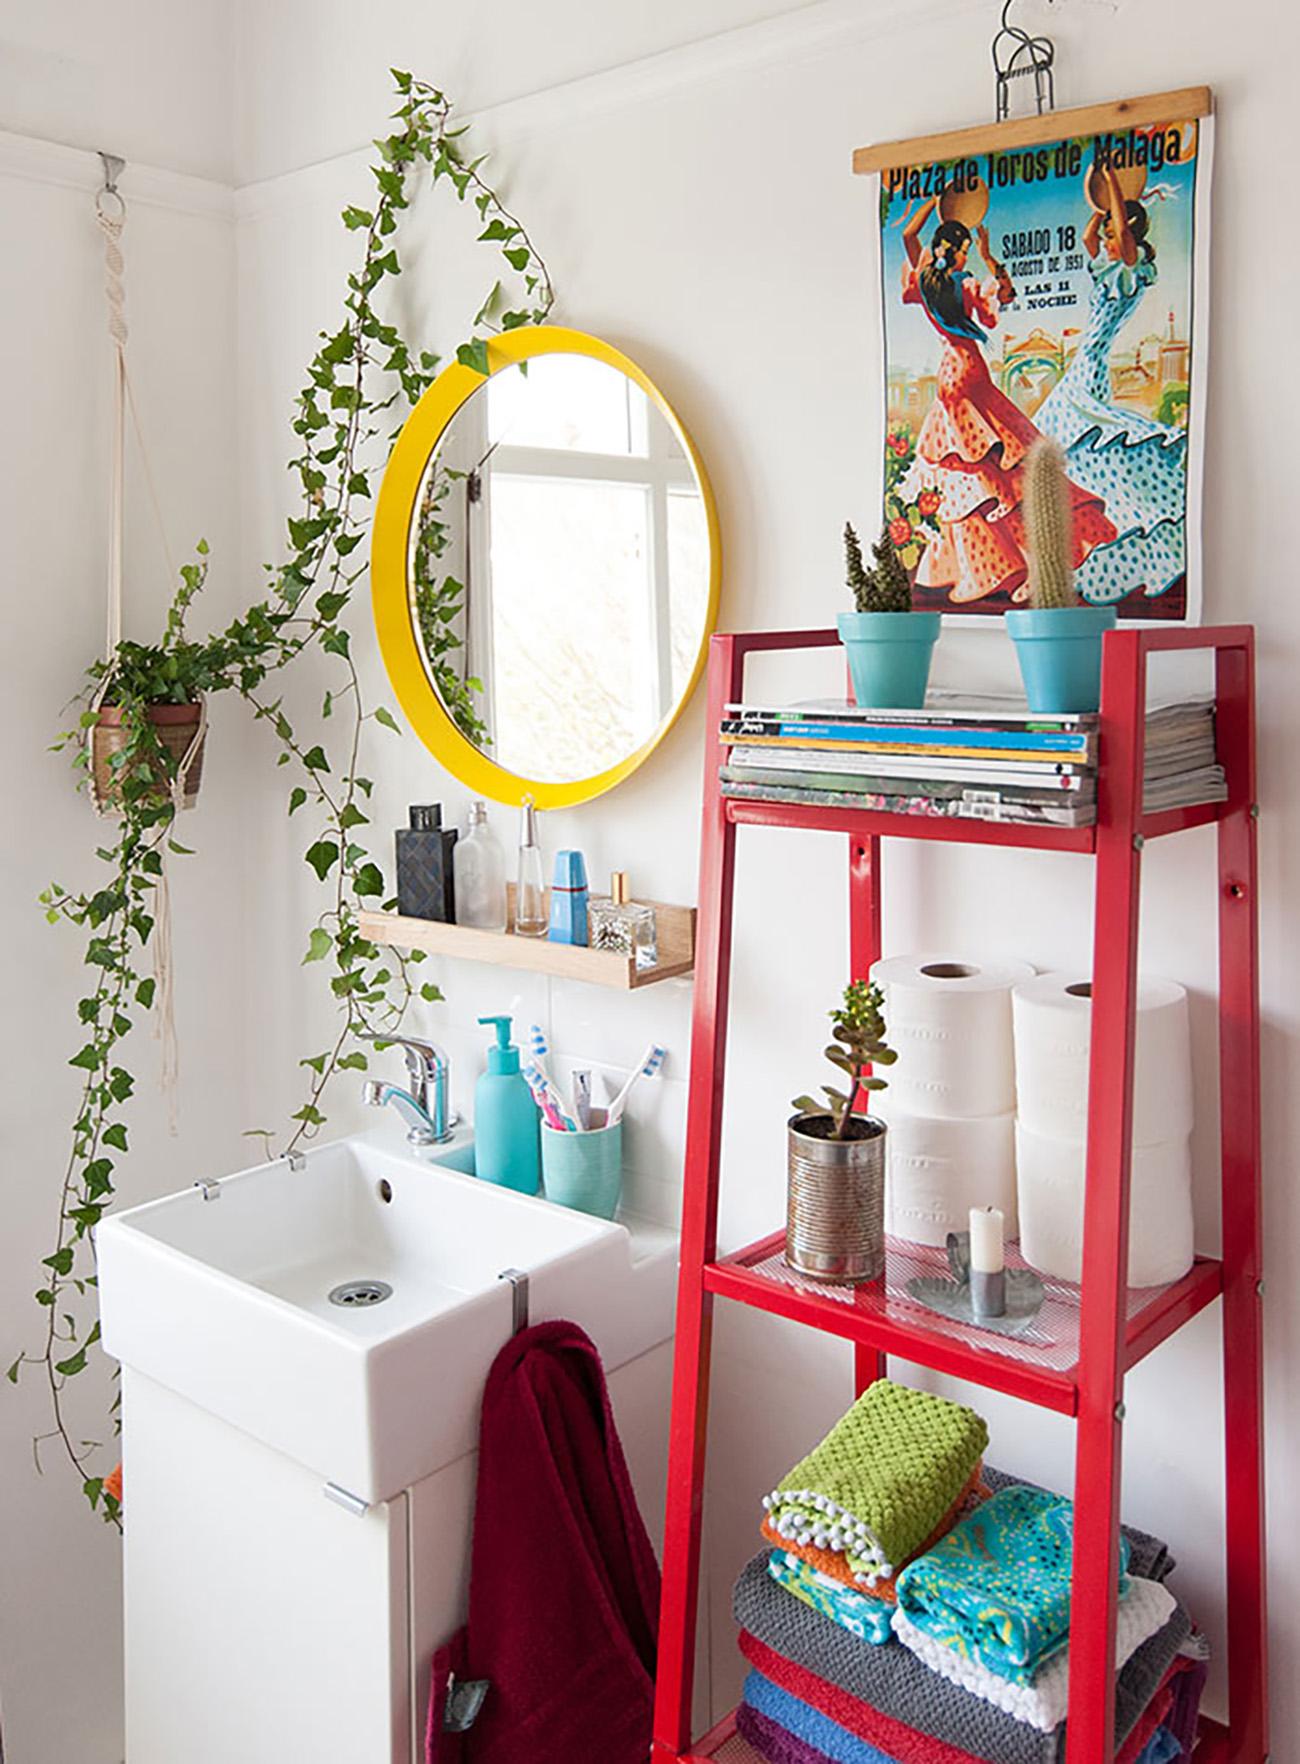 colocar cor em detalhes da decoração da sua casa - banheiro